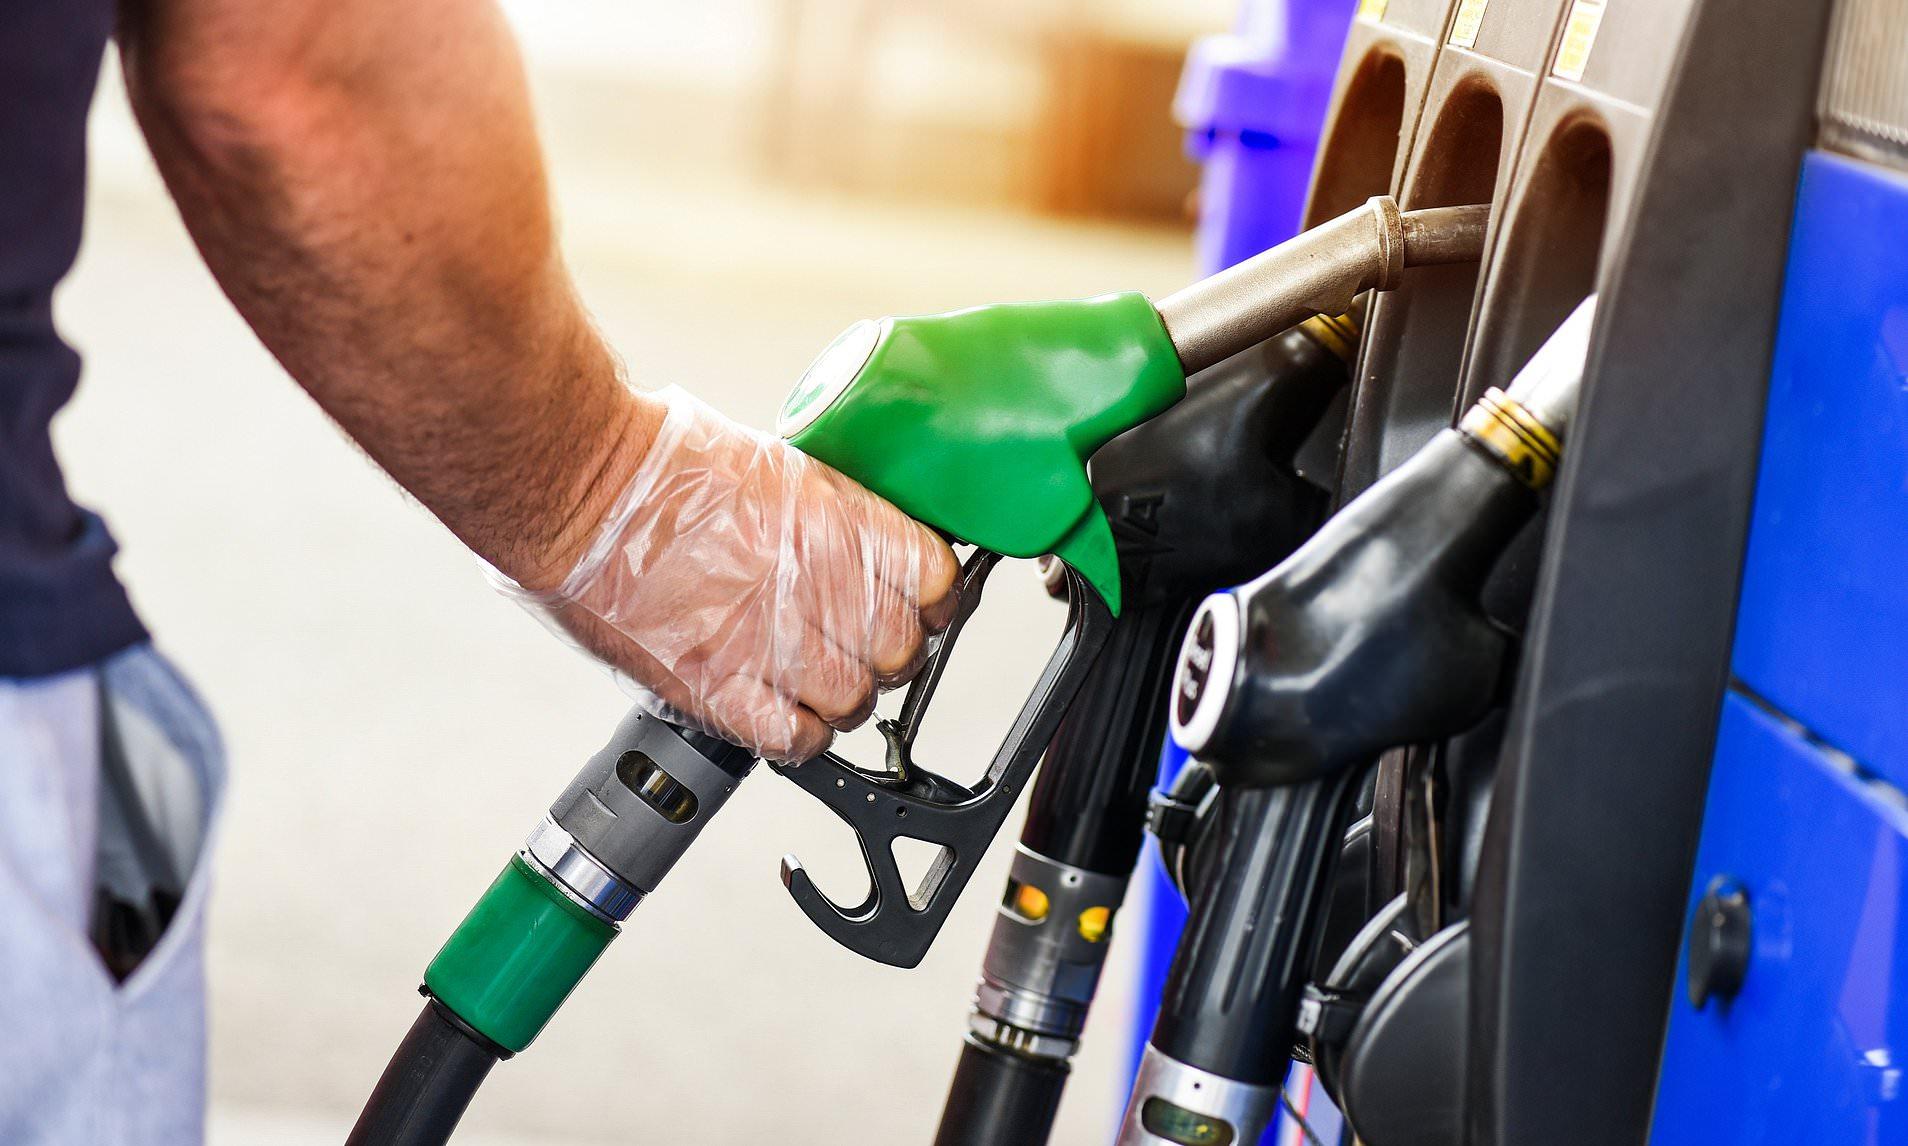 Giá xăng dầu hôm nay 8/10: Dầu Brent phục hồi, trở lại mốc 82 USD/thùng